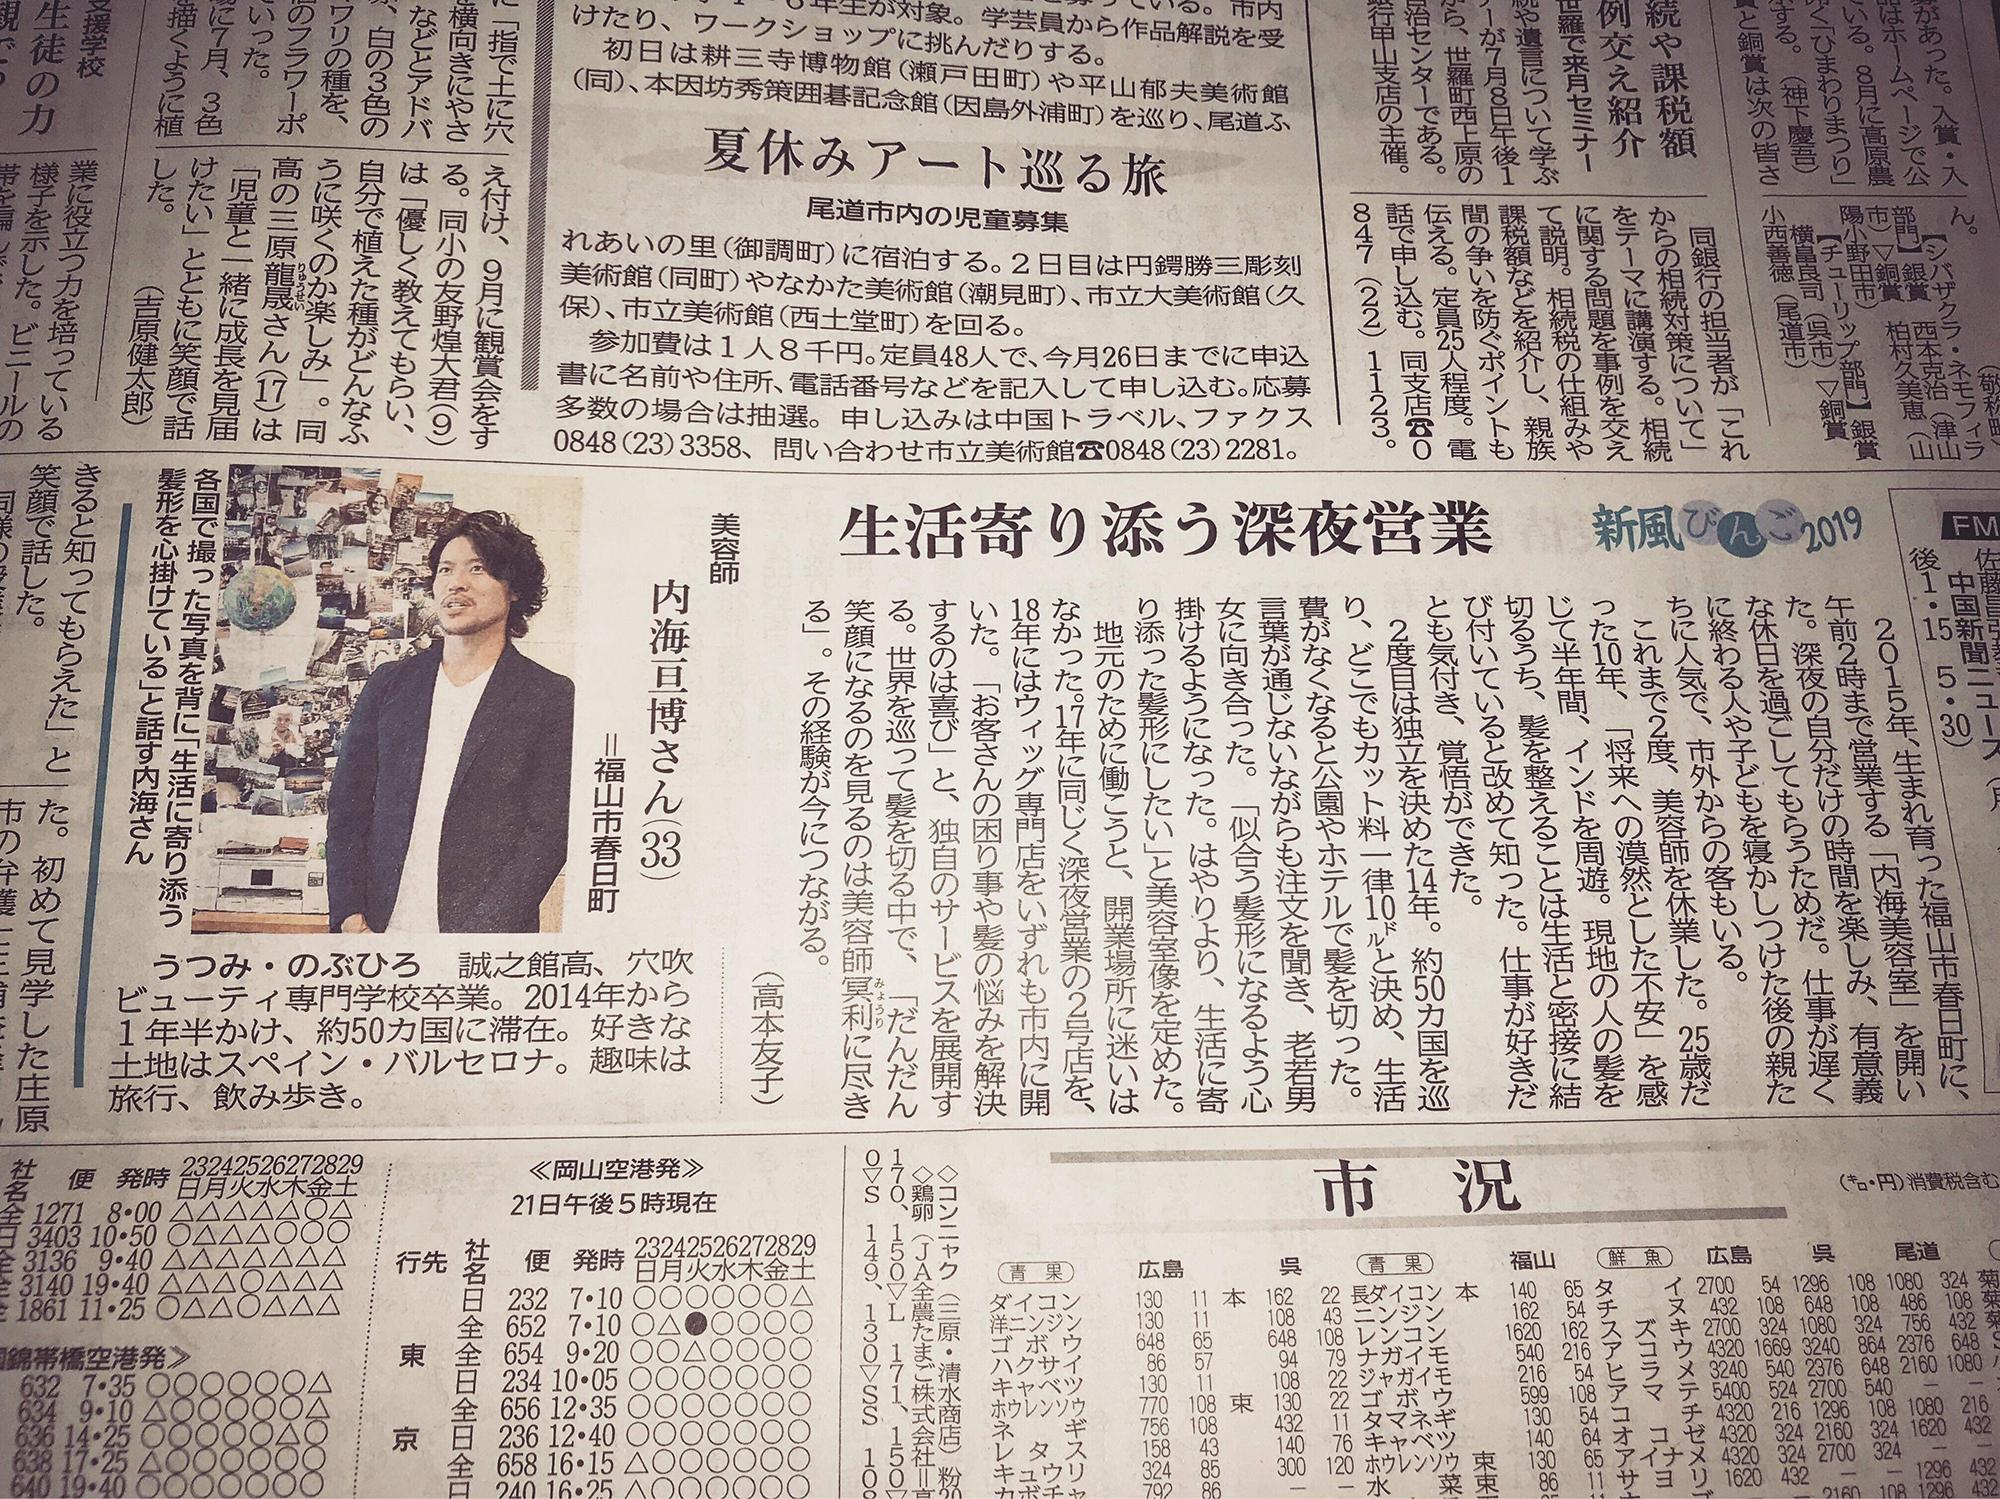 新聞 ニュース 中国 「沖縄の新聞に中国資金」 米シンクタンクのCSIS報告書に誤り